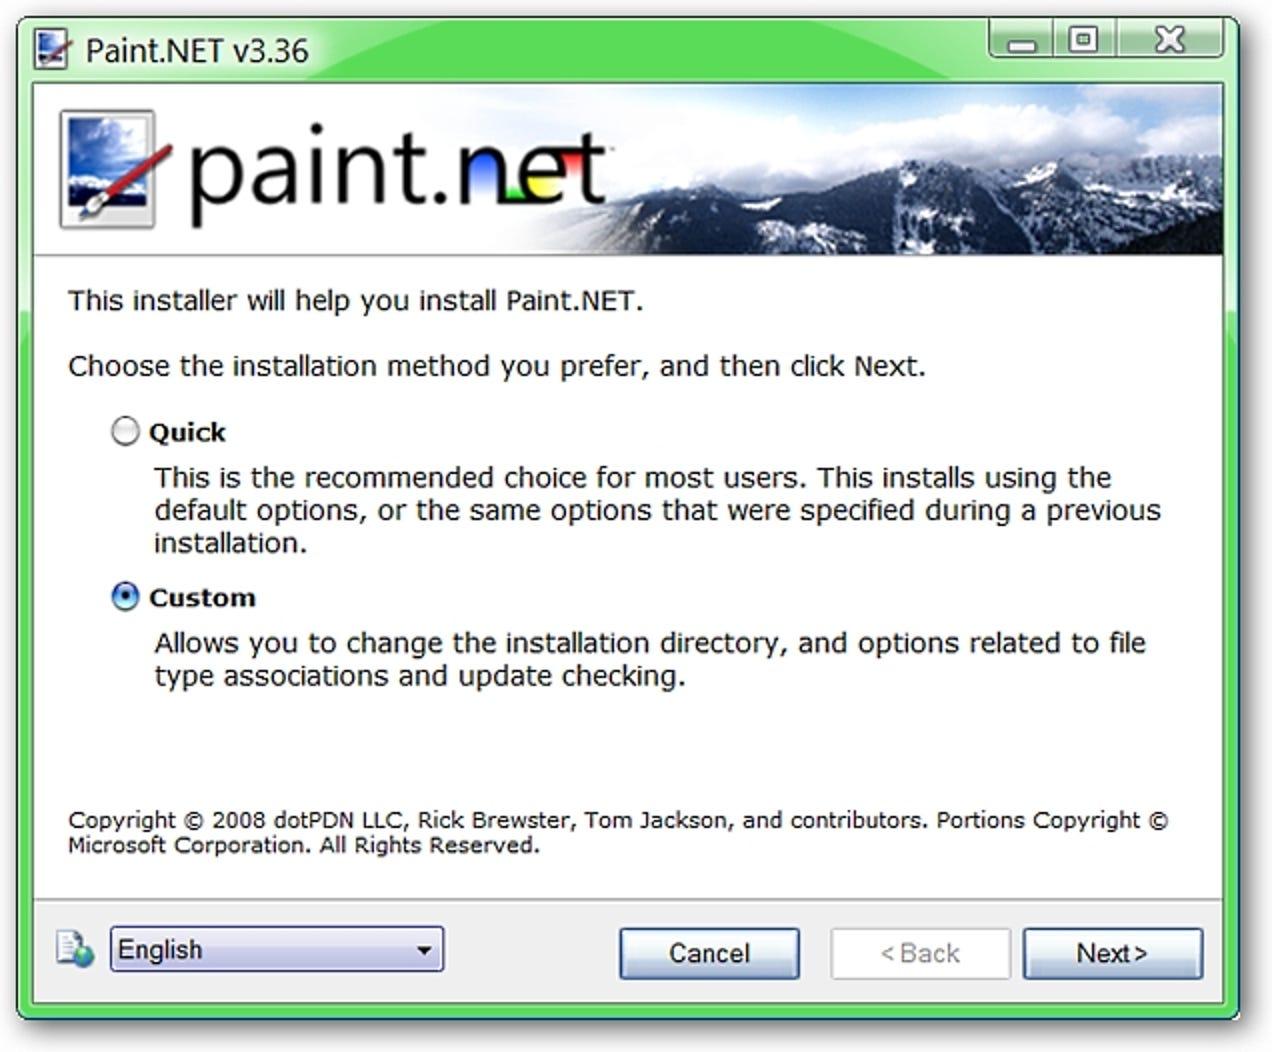 Paint.NET ist eine hochwertige Fotobearbeitungs-App für Windows